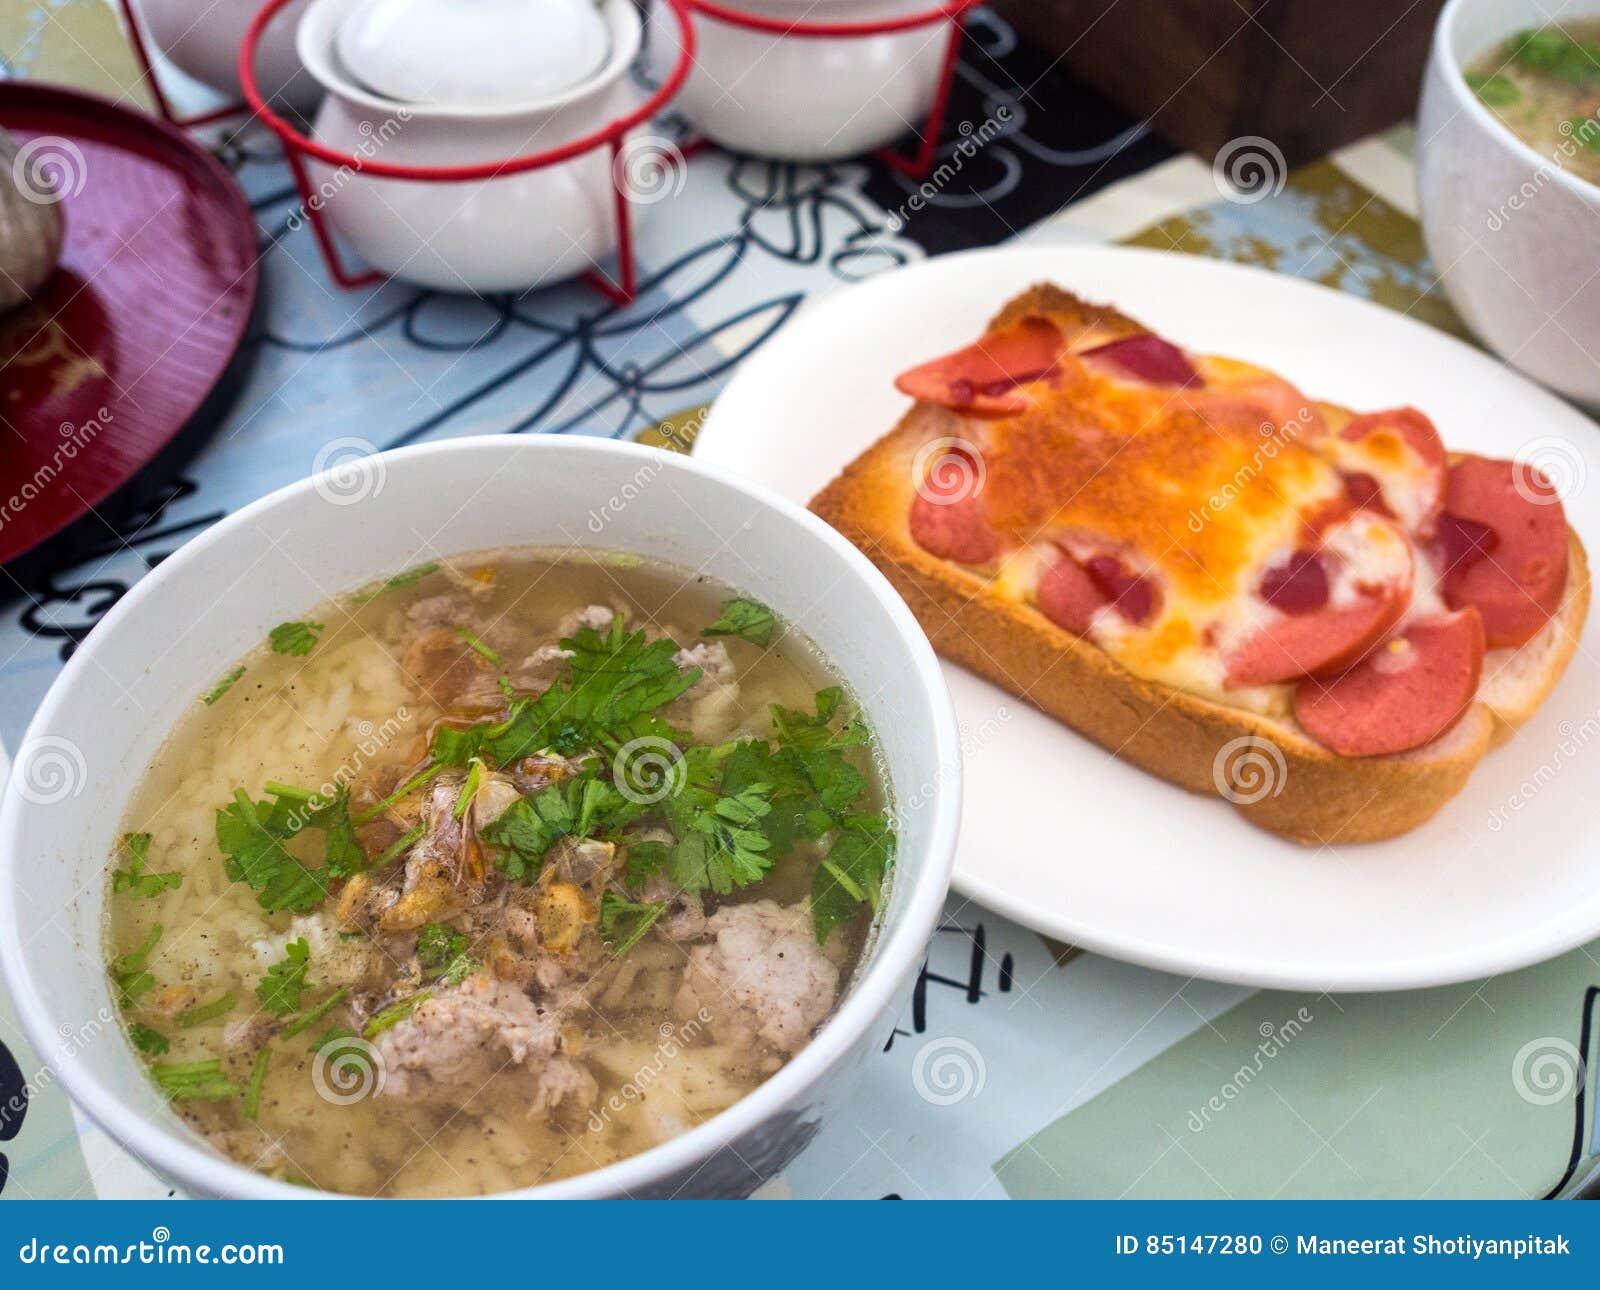 Boiled rice pork for breakfast in the morning